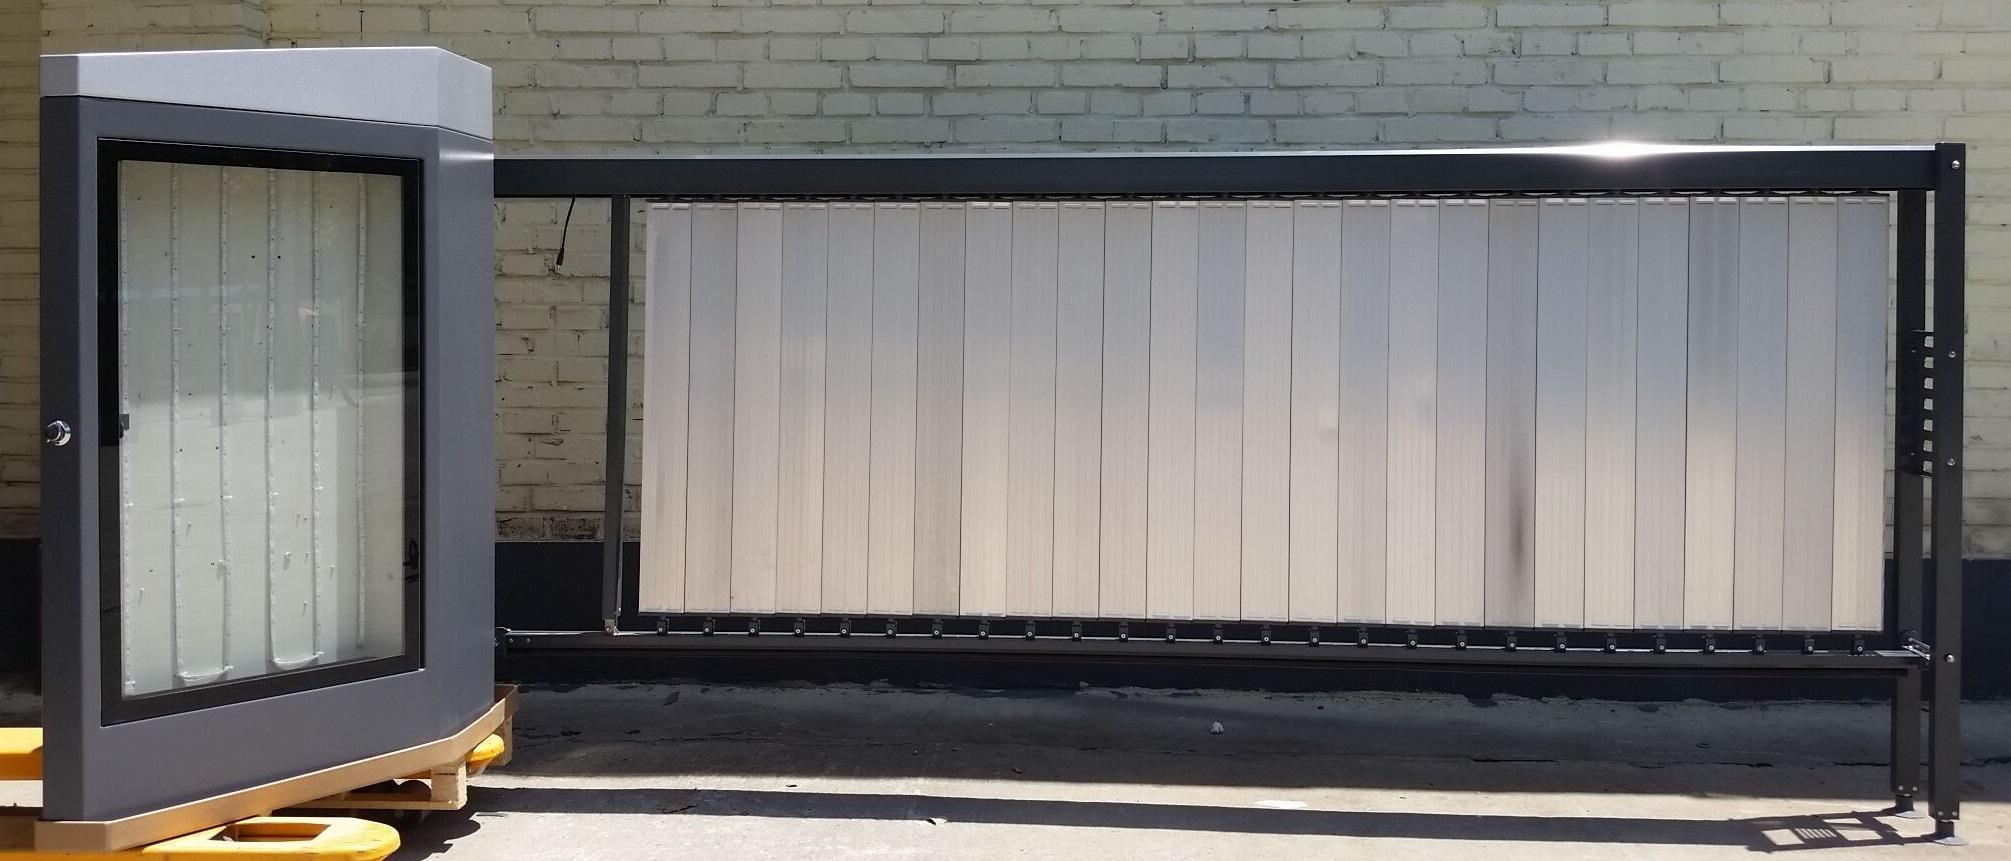 合肥道闸 合肥停车场系统 合肥速泰智能科技万博体育mantbex登录